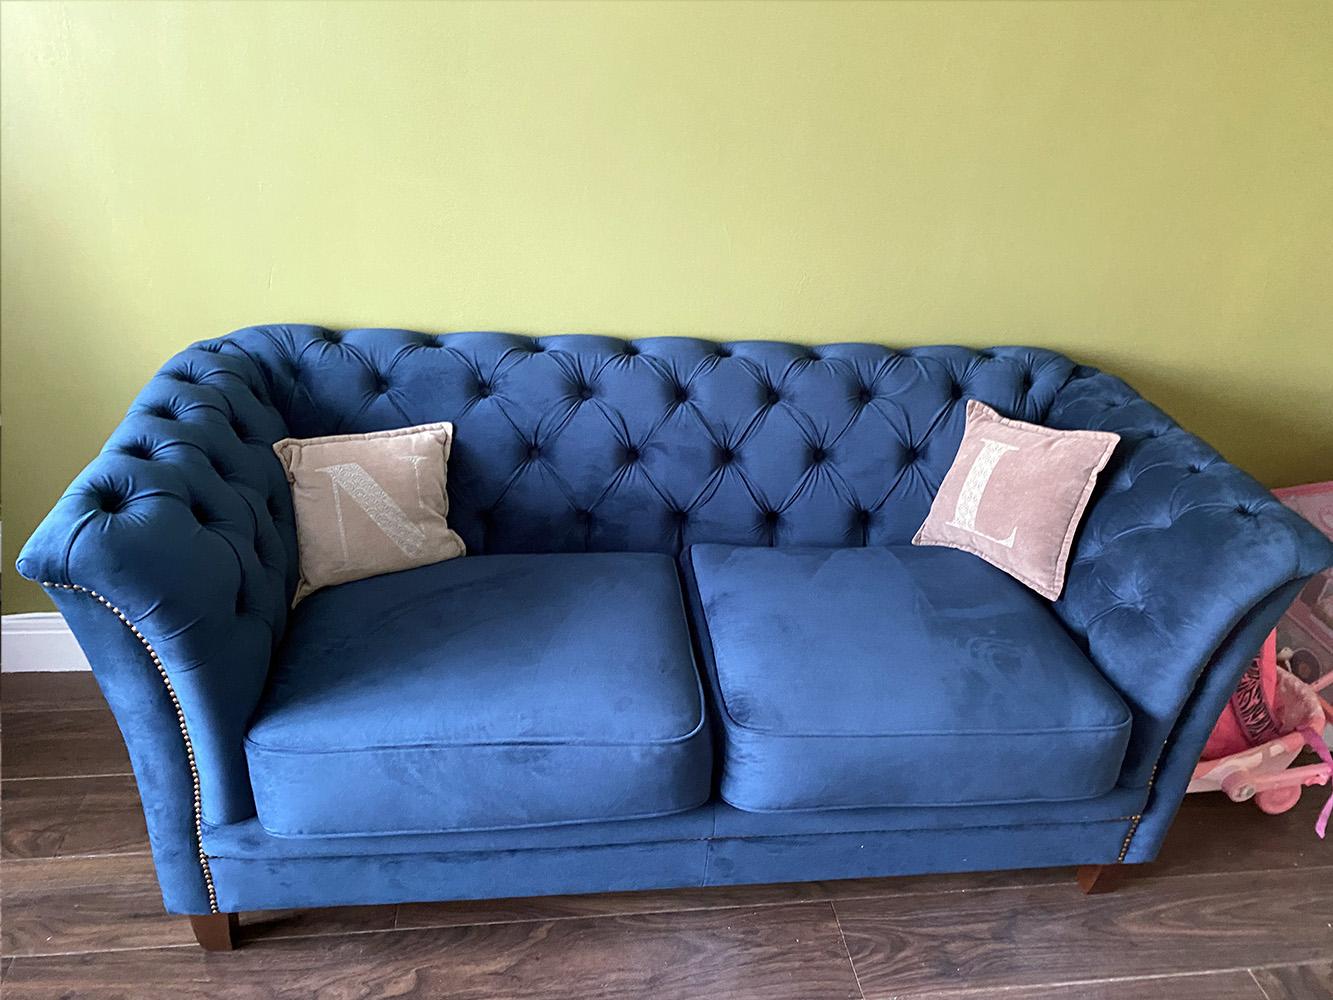 Blue Karin Sofa from Fiona